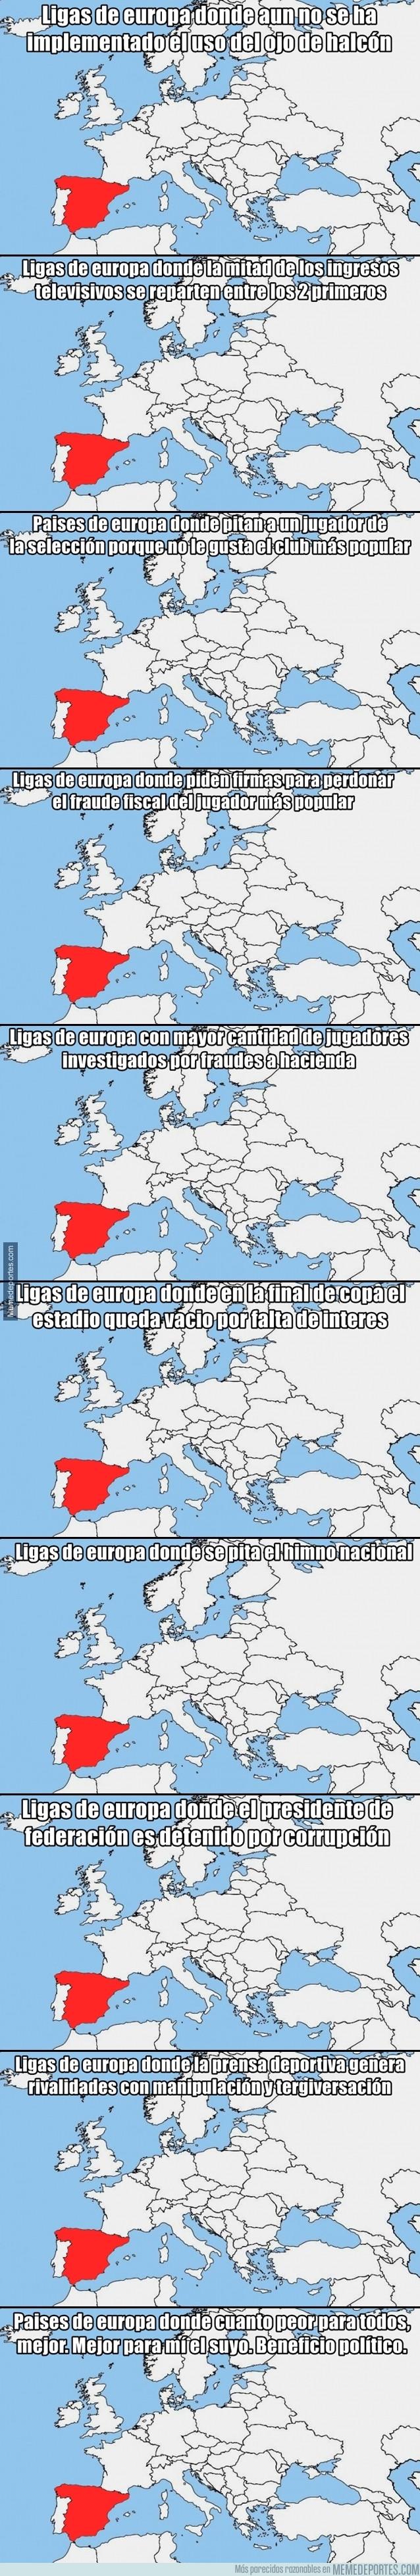 988376 - 10 mapas que demuestran por qué La Liga es la mejor liga del mundo